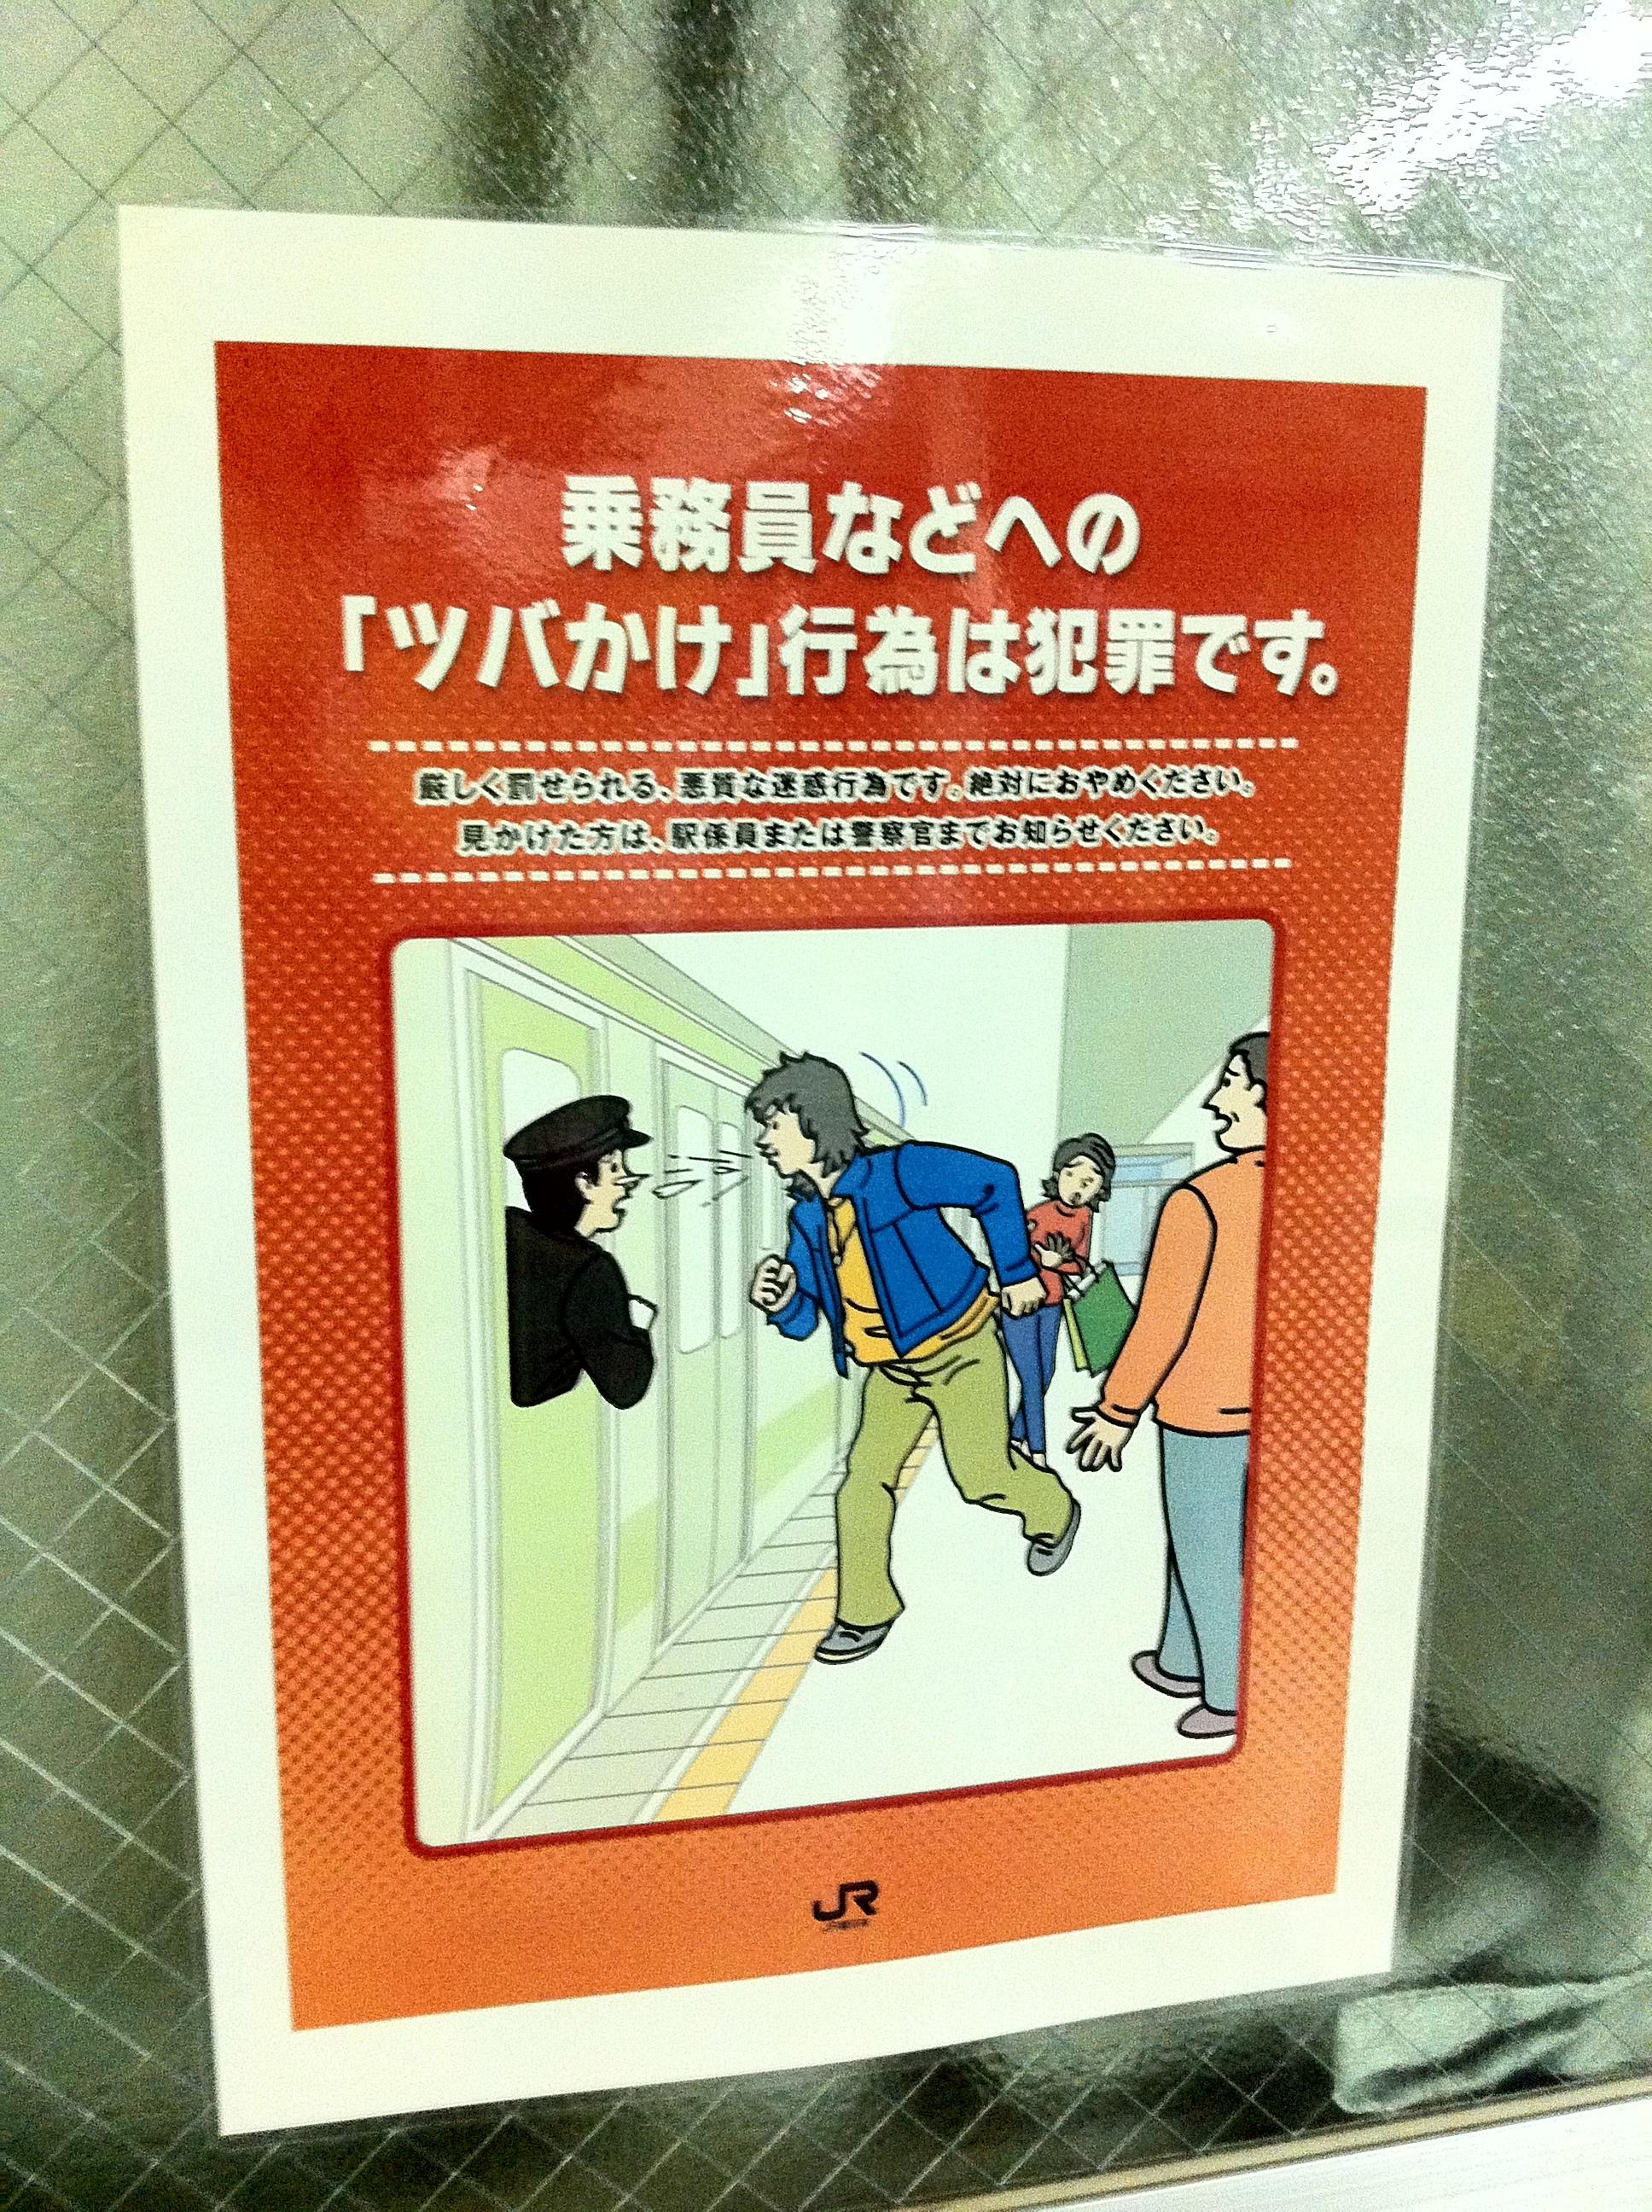 【神奈川】駅員につばを吐きかける 暴行容疑で中国籍の男(36)逮捕…JR横須賀線・逗子駅->画像>13枚